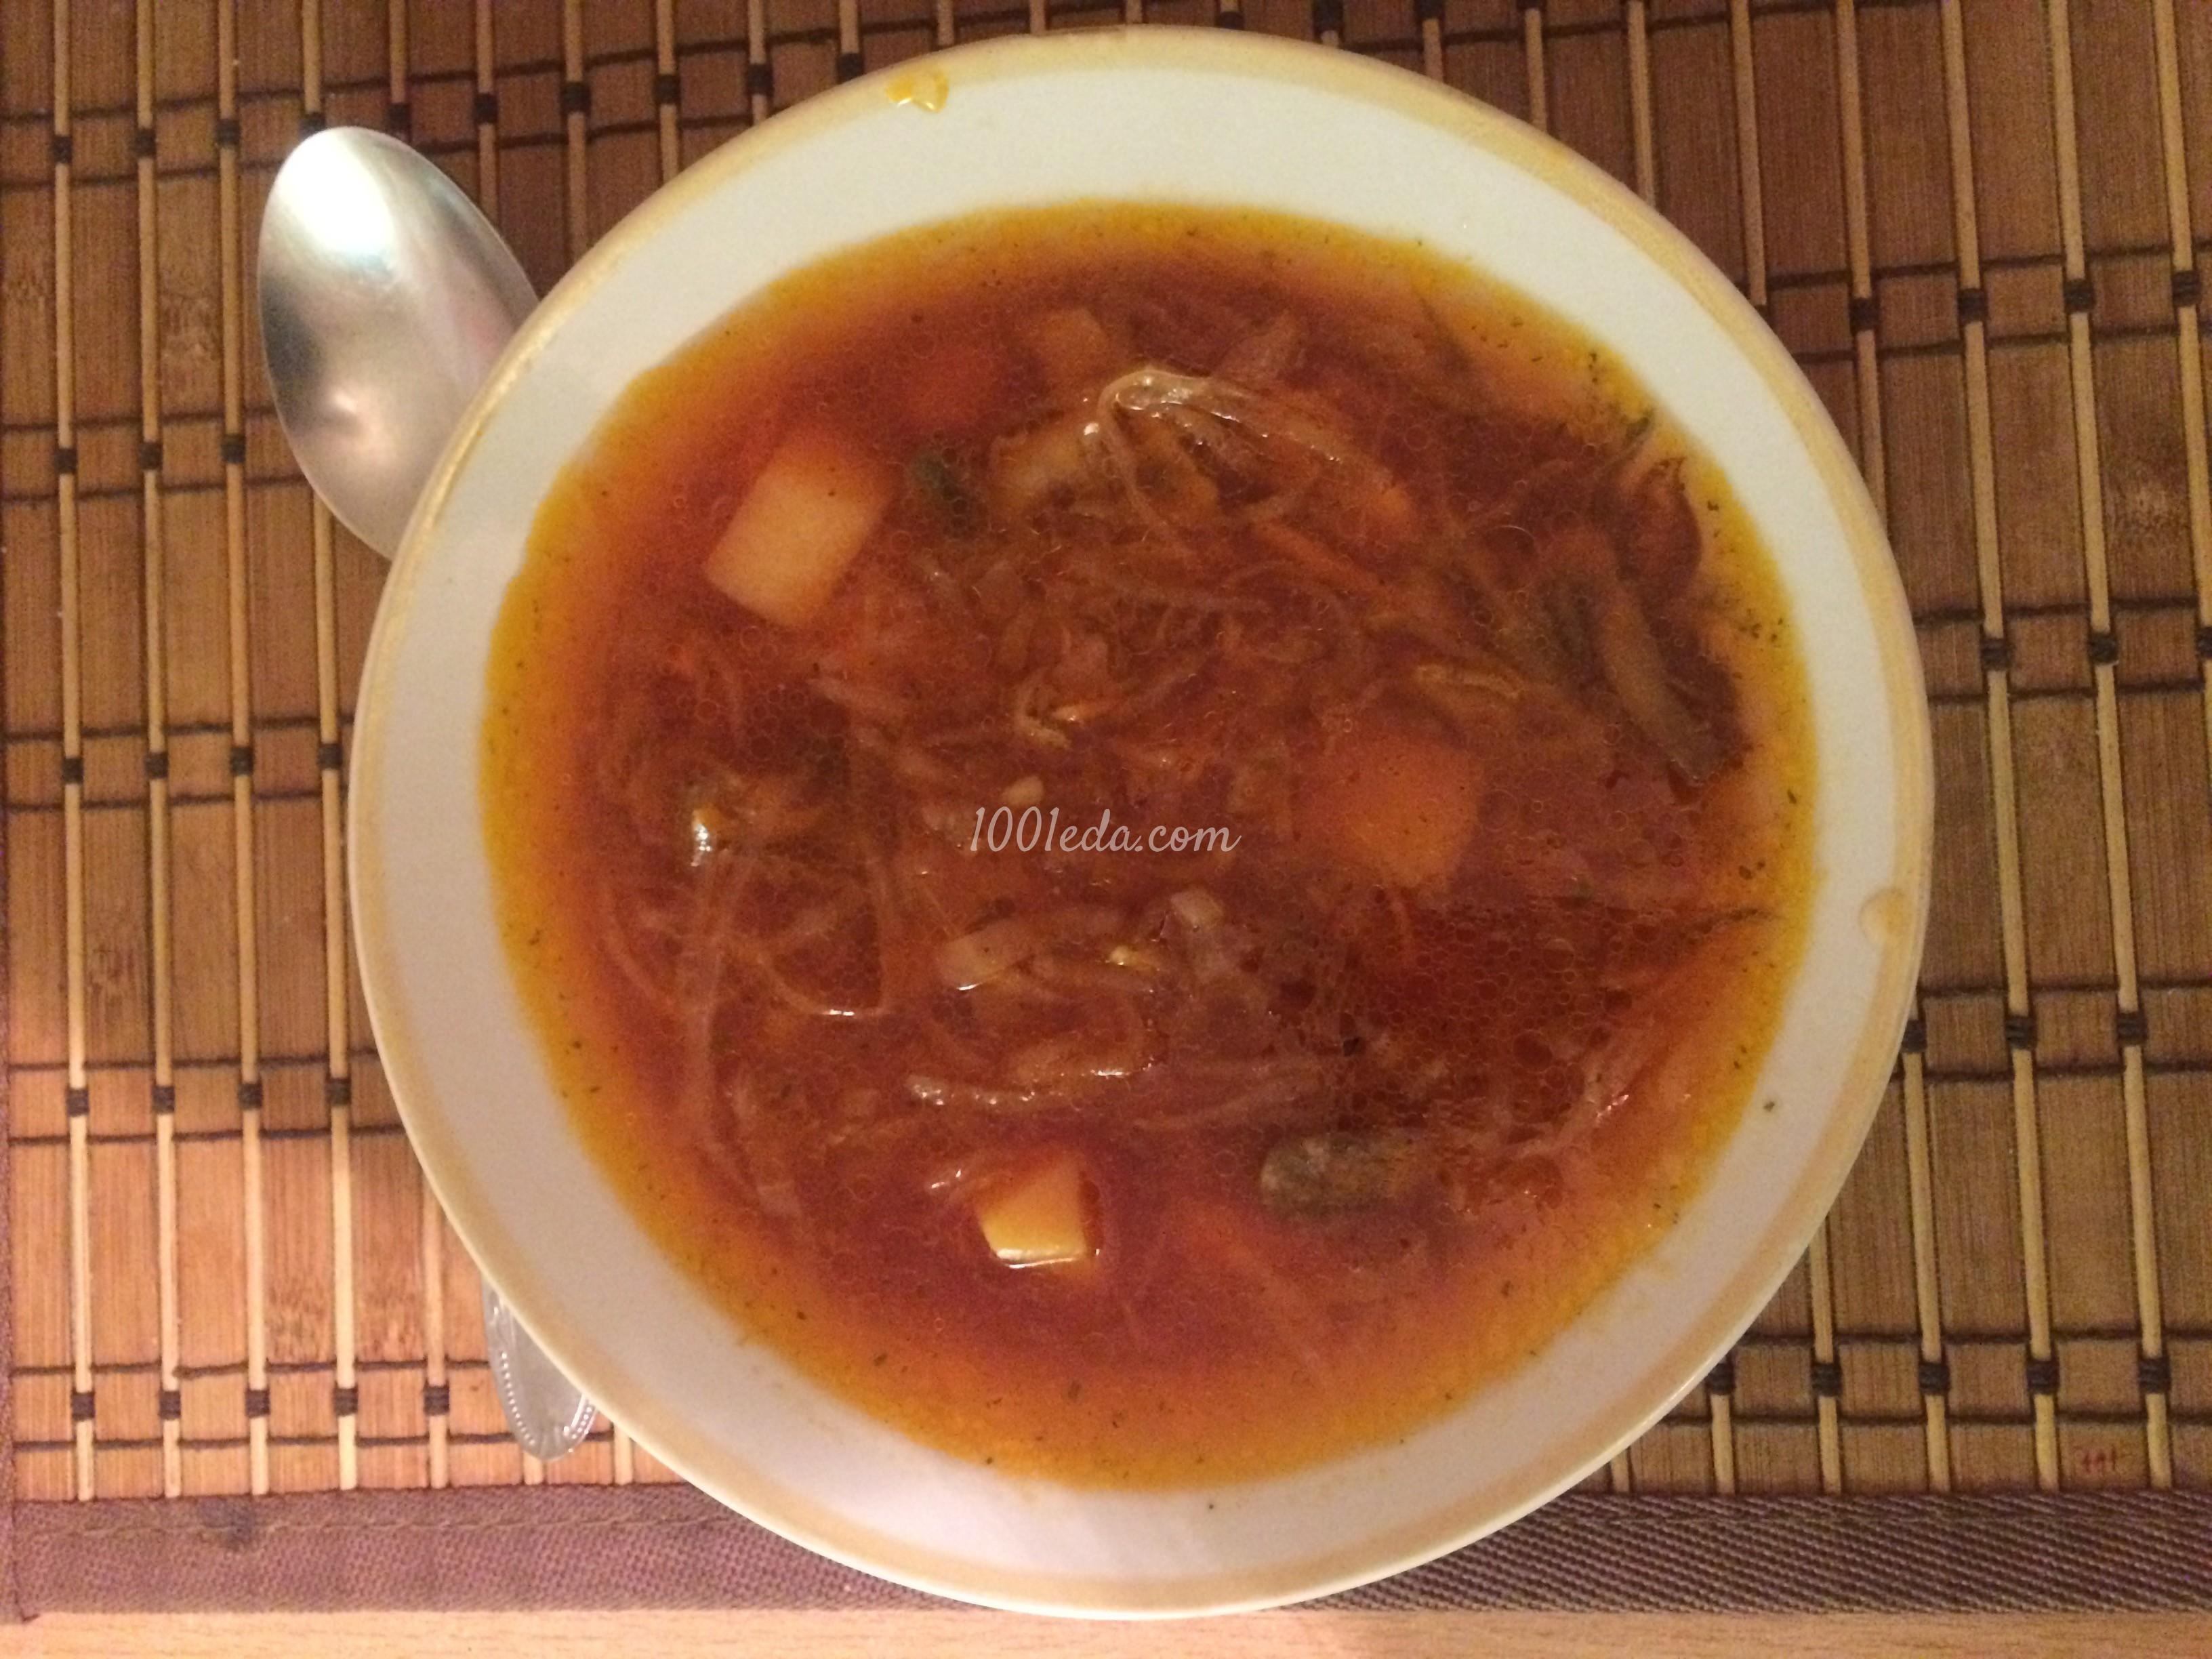 вегетарианский борщ рецепт с фото пошагово